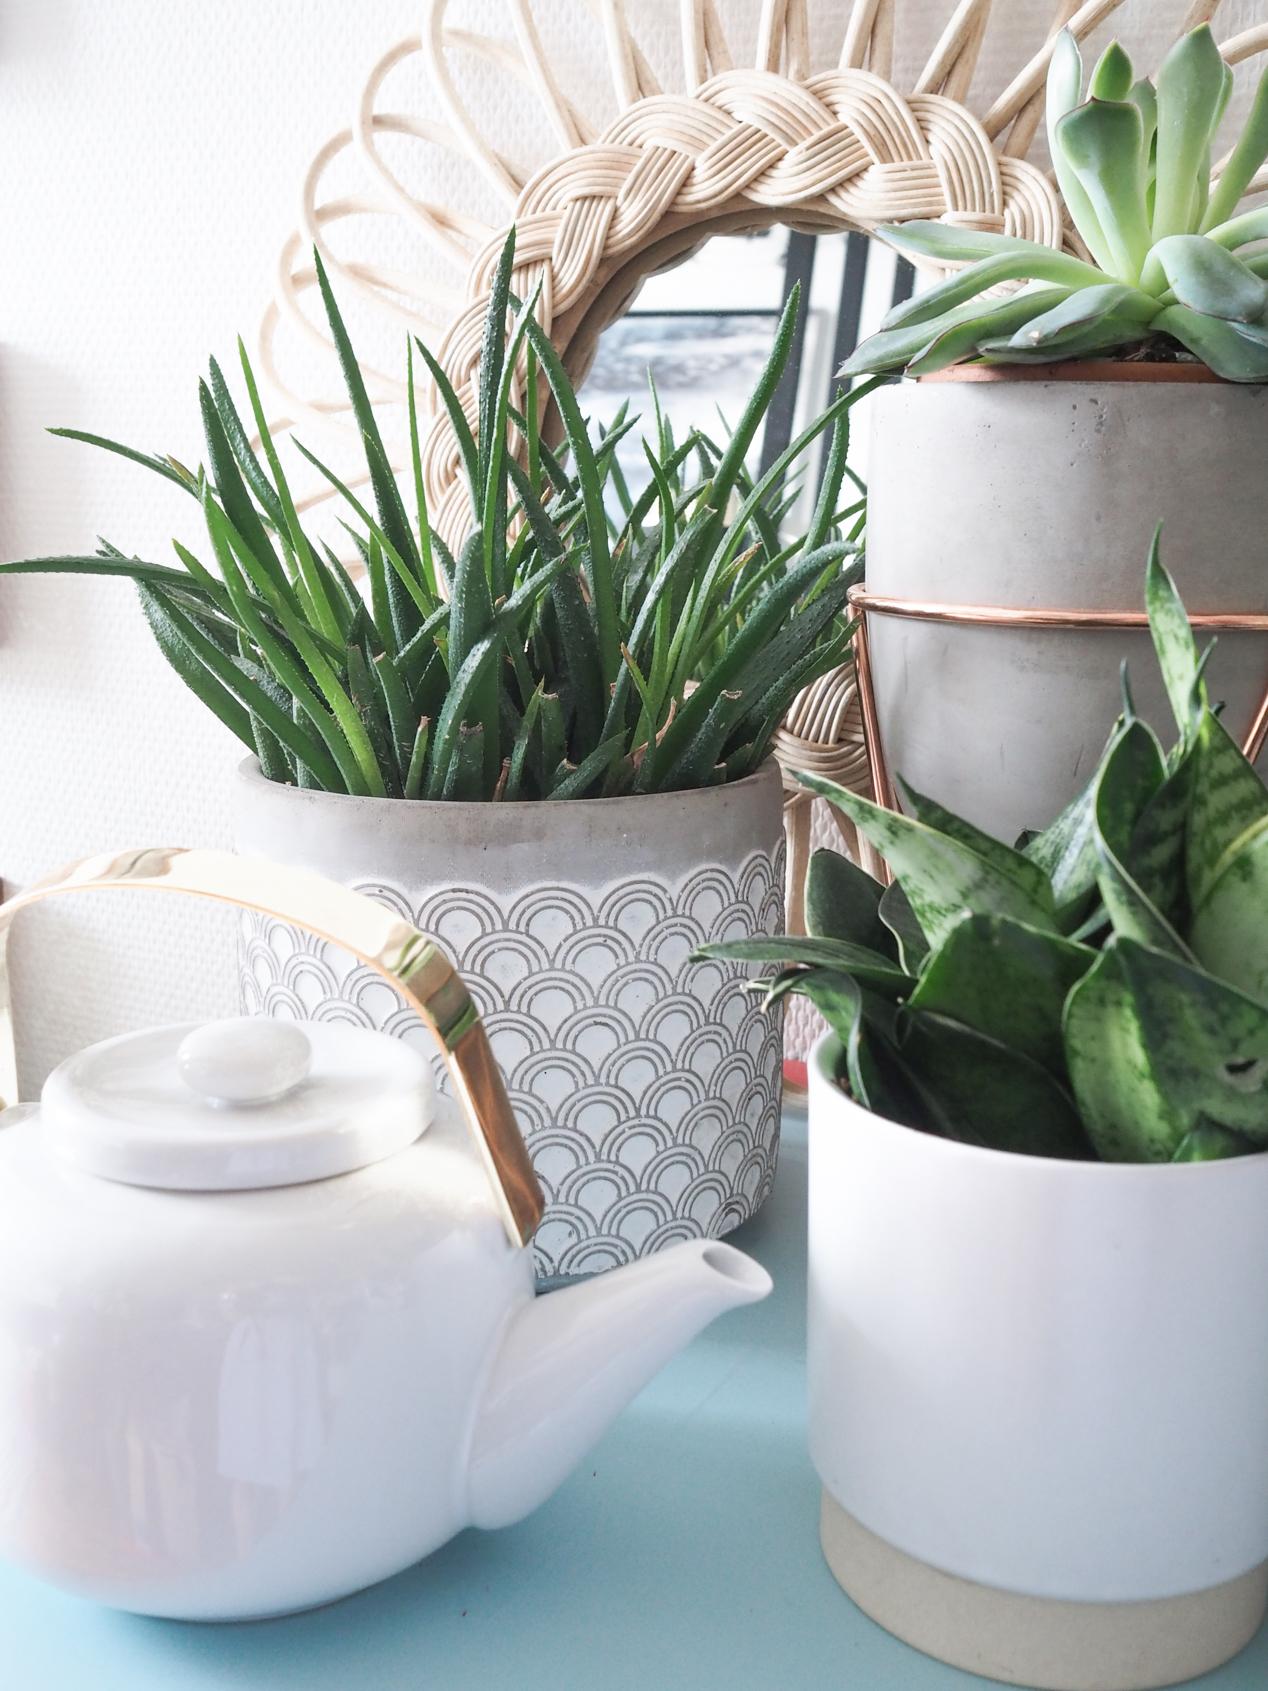 Plantes interieur depolluantes detoxifiantes guide Truffaut domus l La Fiancee du Panda blog deco et lifestyle-7203464